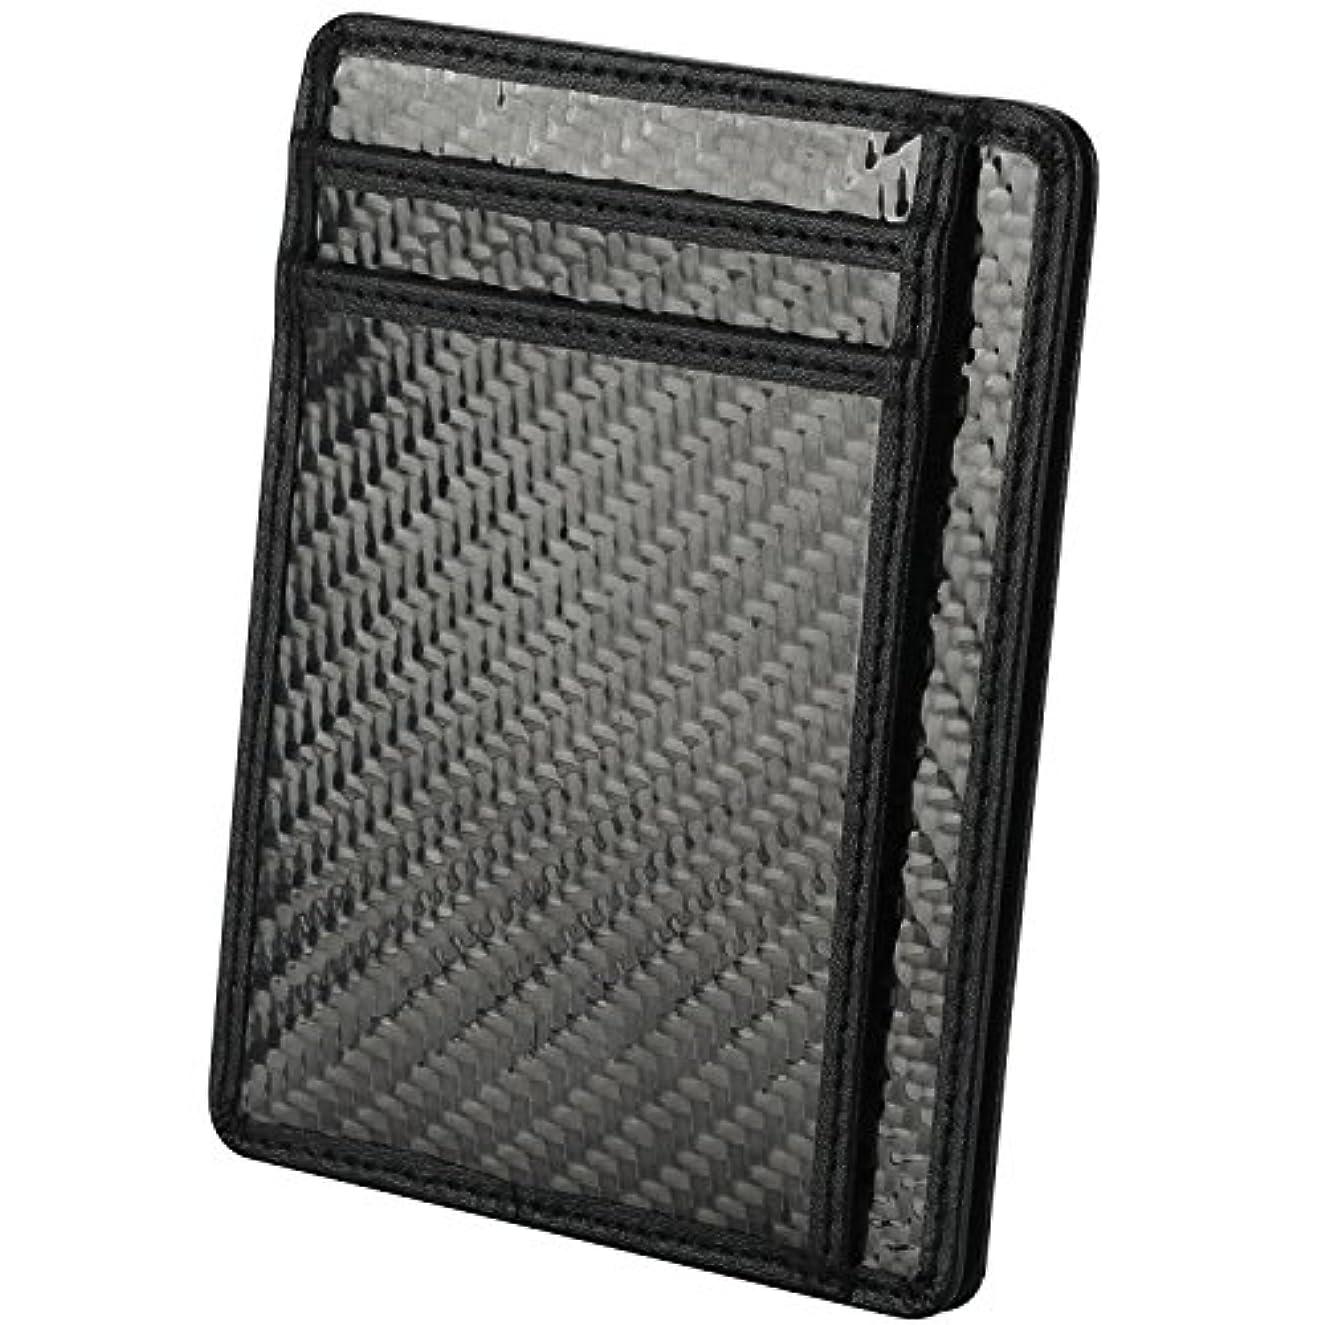 汗独創的アーサーコナンドイルRFIDブロックスリム財布、ミニマリストフロントポケット財布クレジットカードホルダー